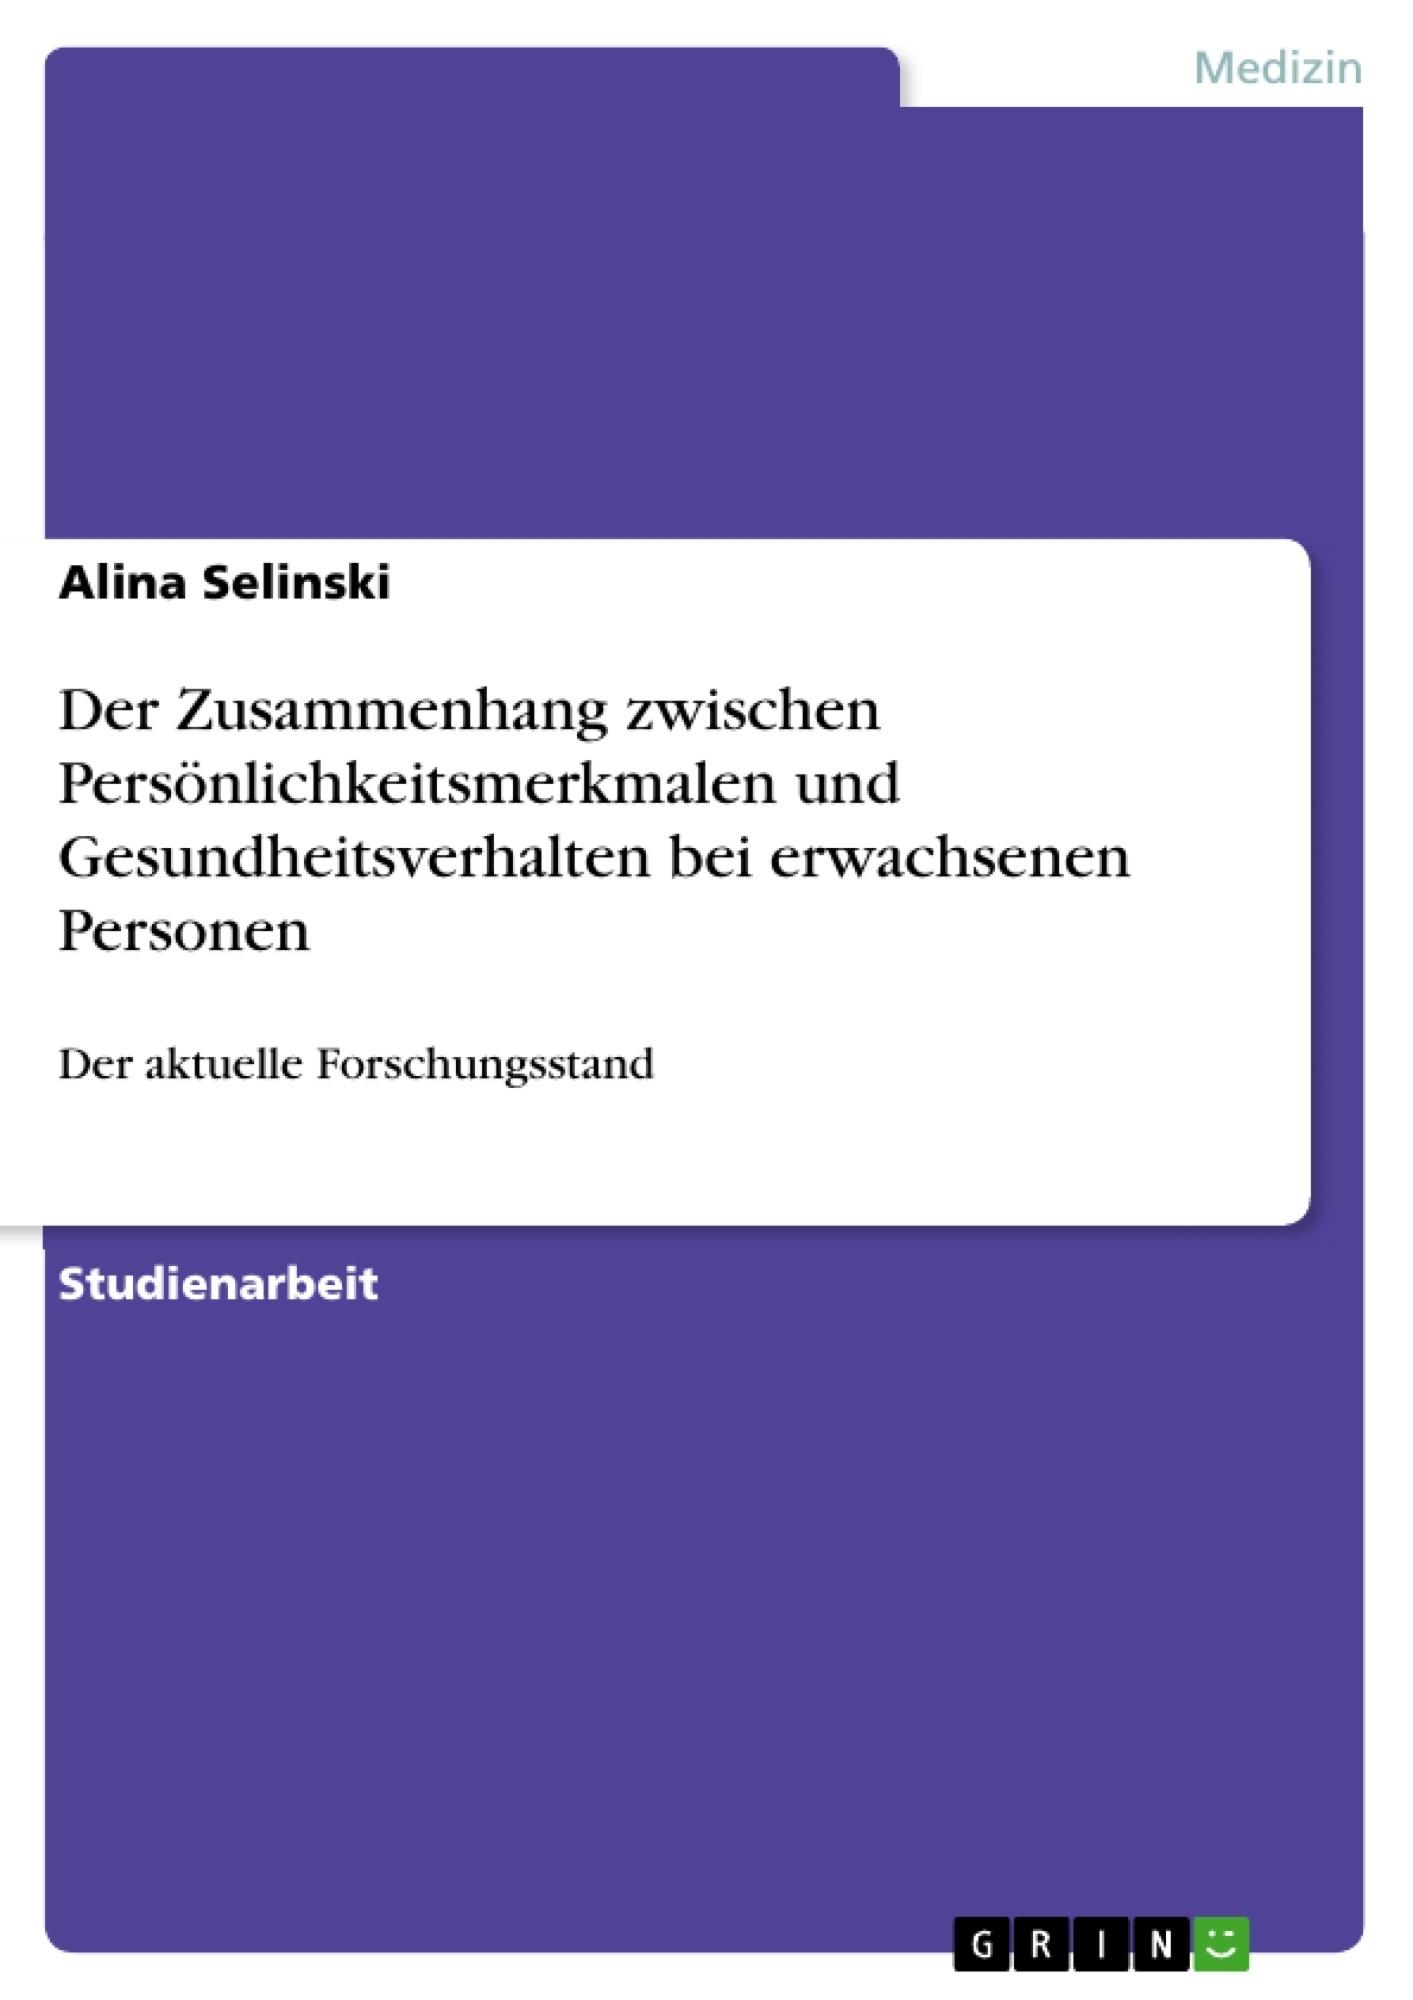 Titel: Der Zusammenhang zwischen Persönlichkeitsmerkmalen und Gesundheitsverhalten bei erwachsenen Personen